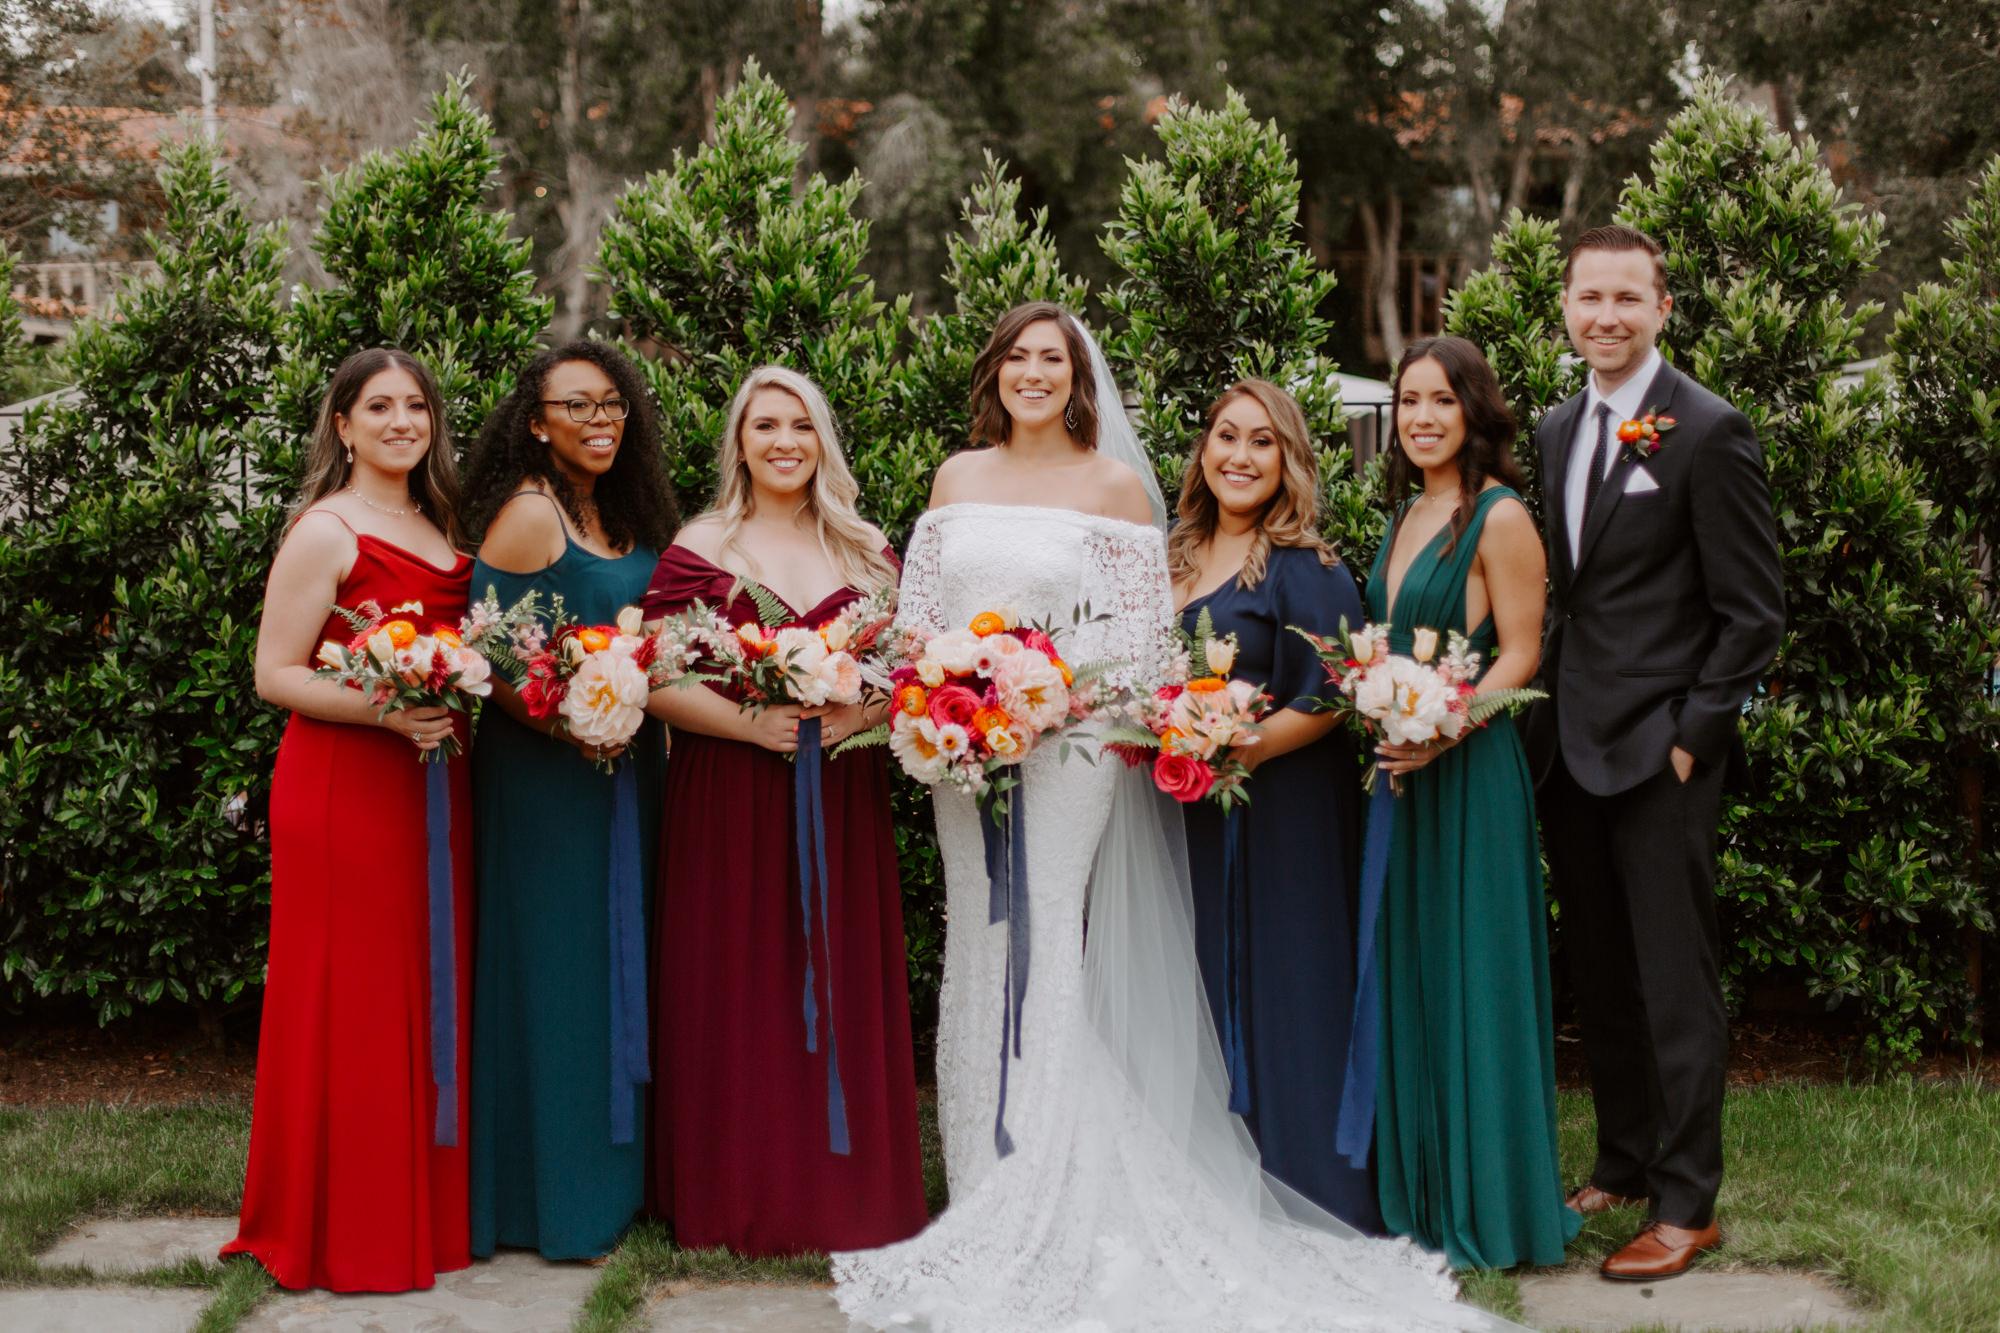 Rancho bernardo Inn san deigo wedding photography0039.jpg